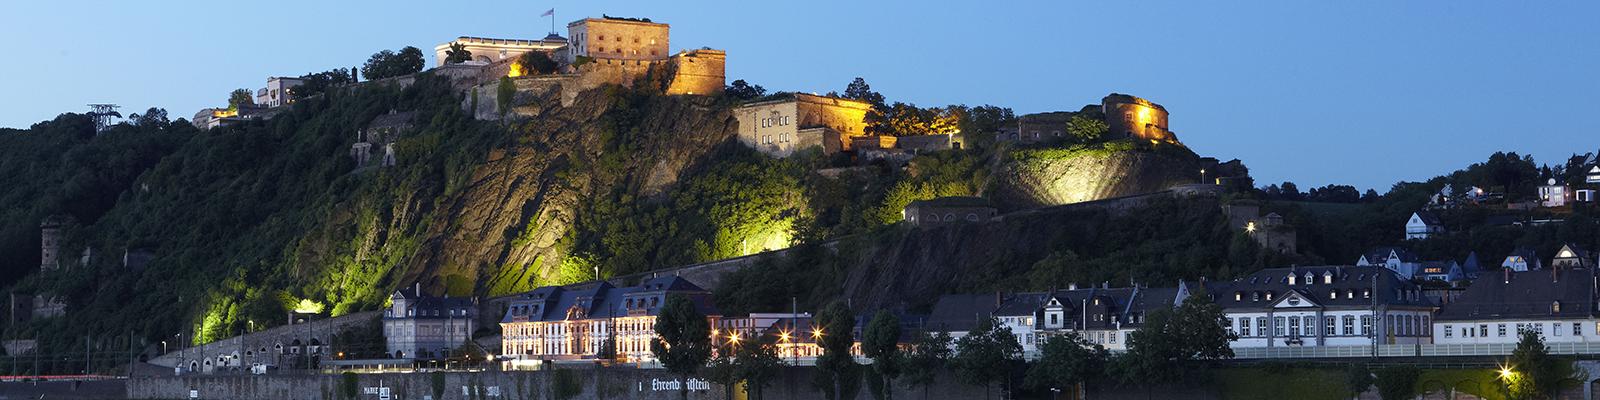 Kulturzentrum Festung Ehrenbreitstein © GDKE, U. Pfeuffer